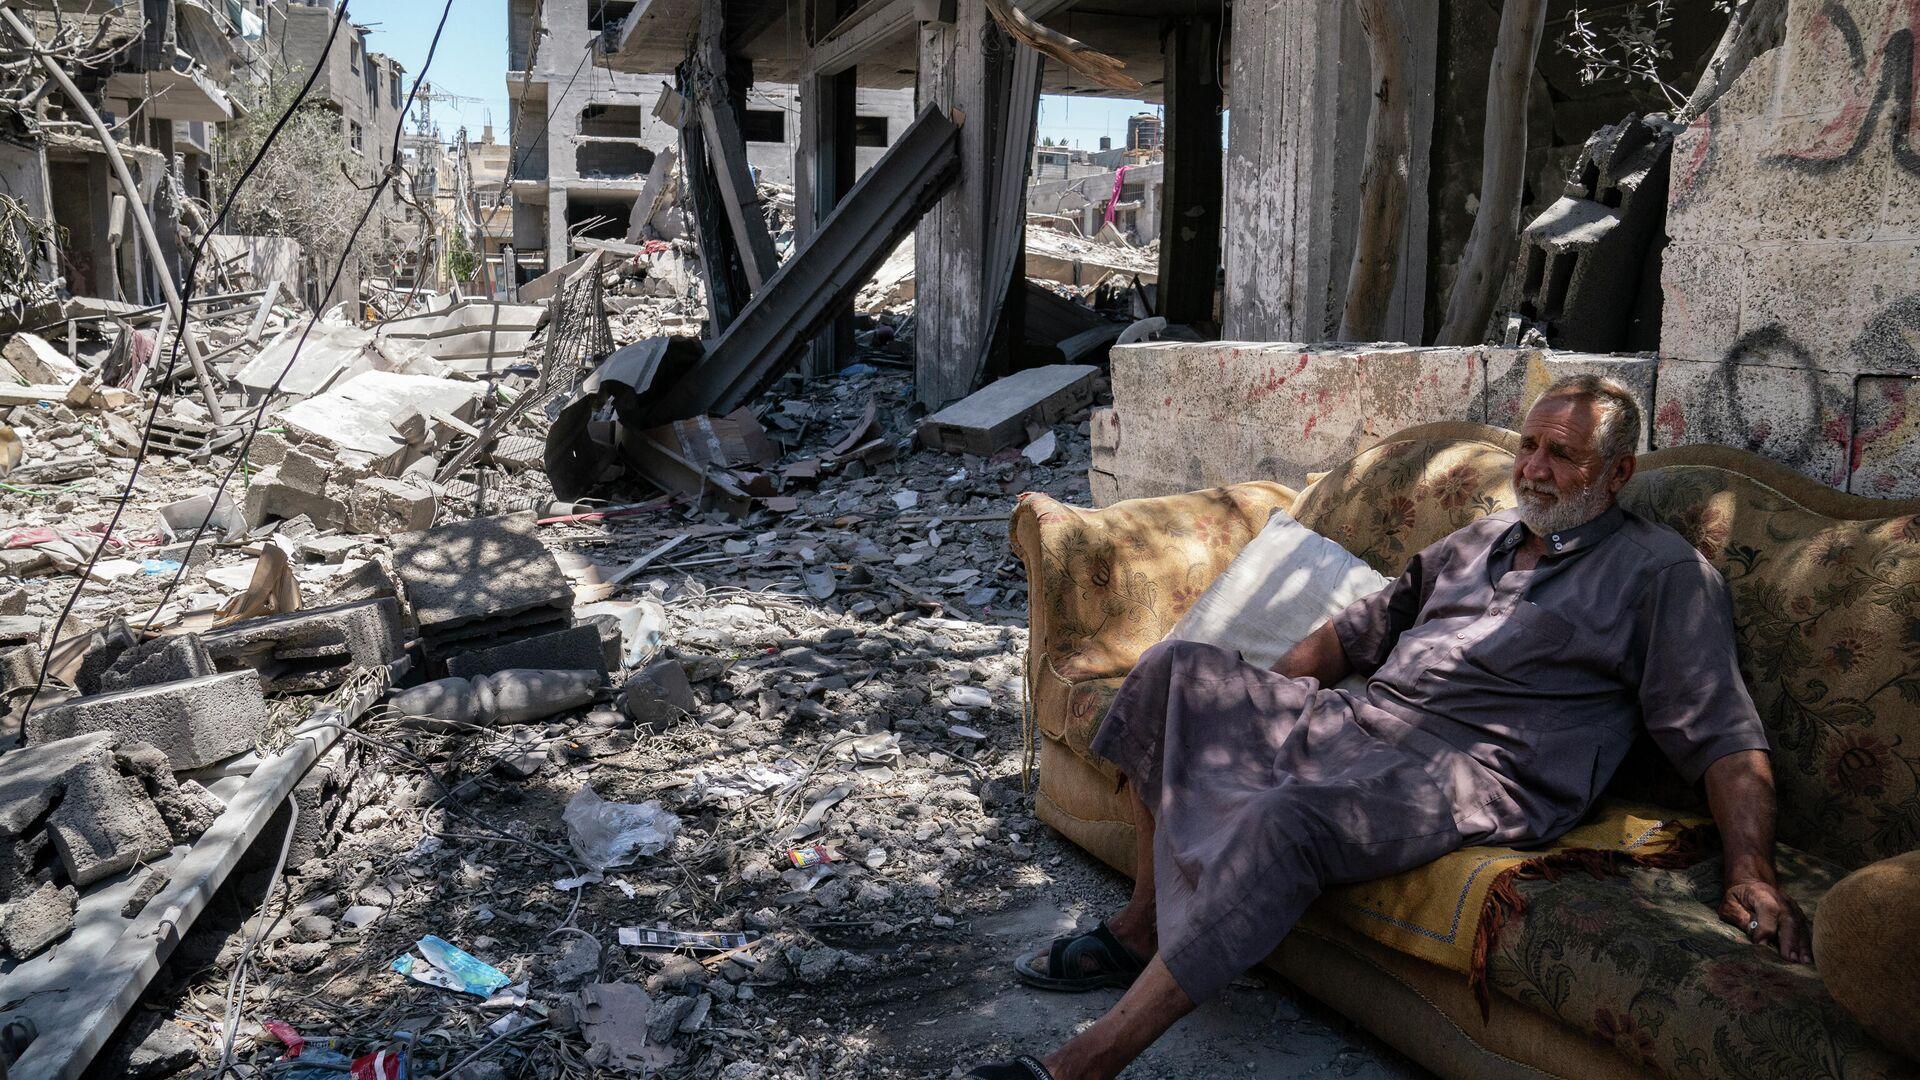 Житель Газы на улице, поврежденной в результате бомбардировки в секторе Газа - РИА Новости, 1920, 31.05.2021